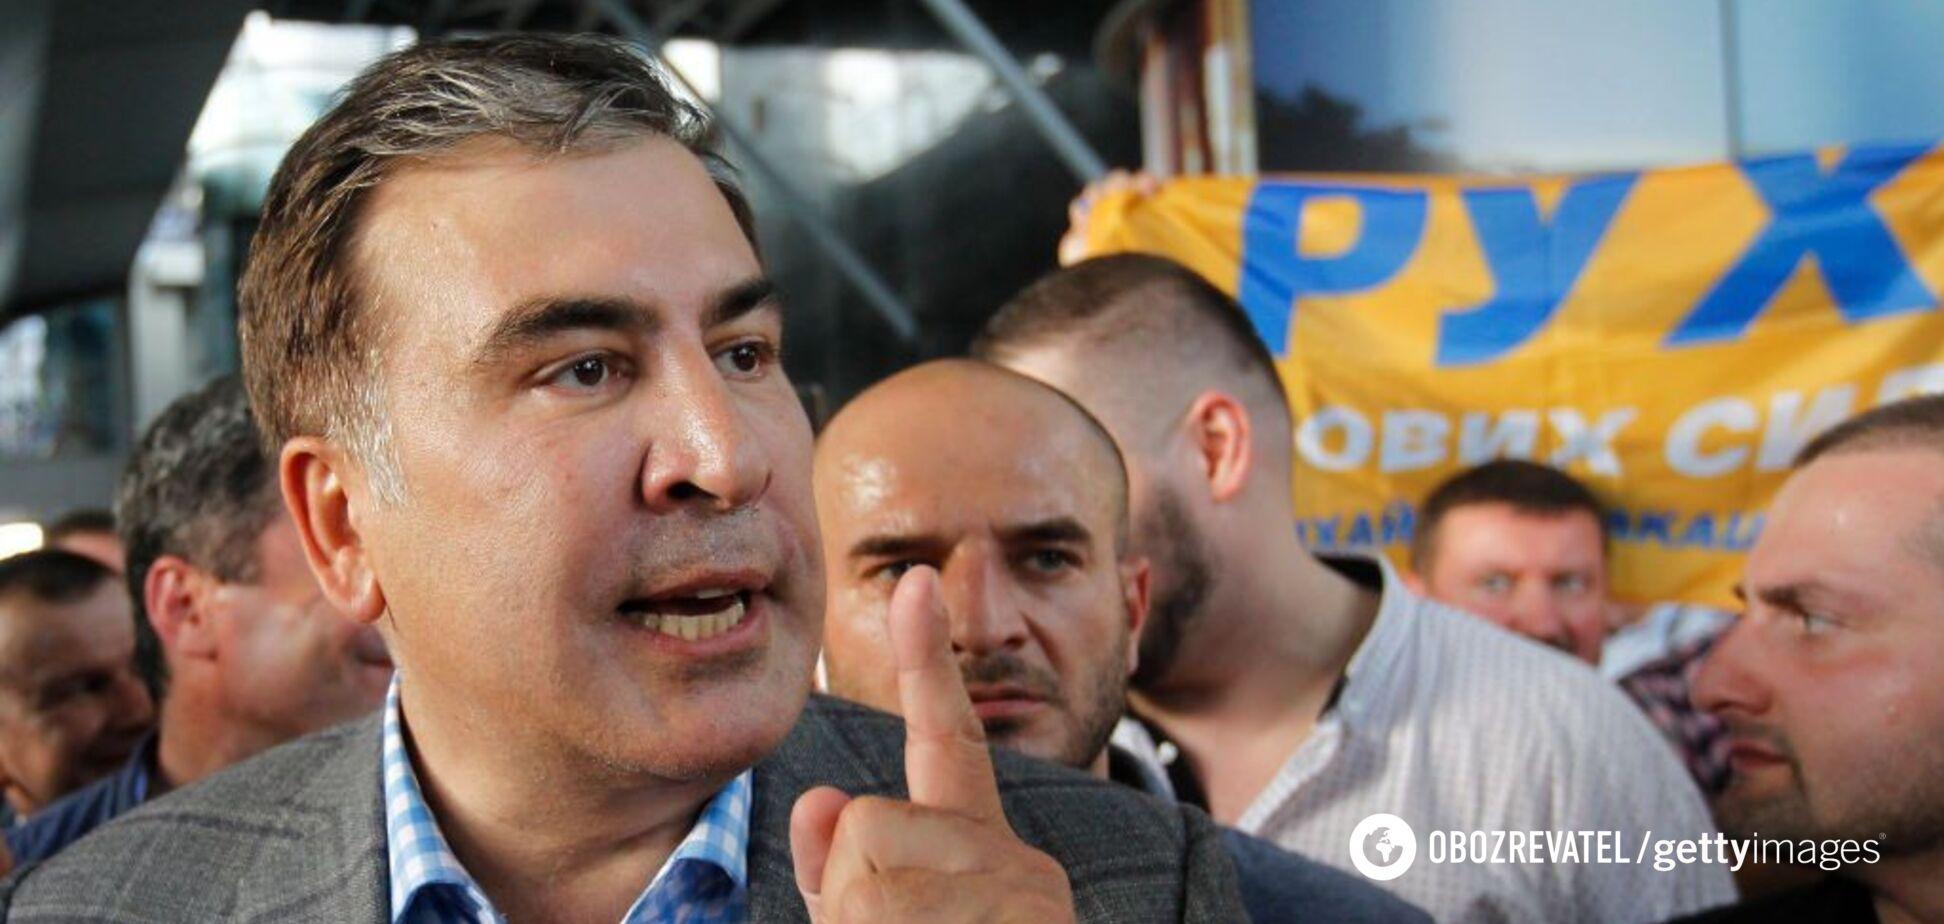 'Барыга!' В сети всплыло скандальное видео с 'поющим' Саакашвили